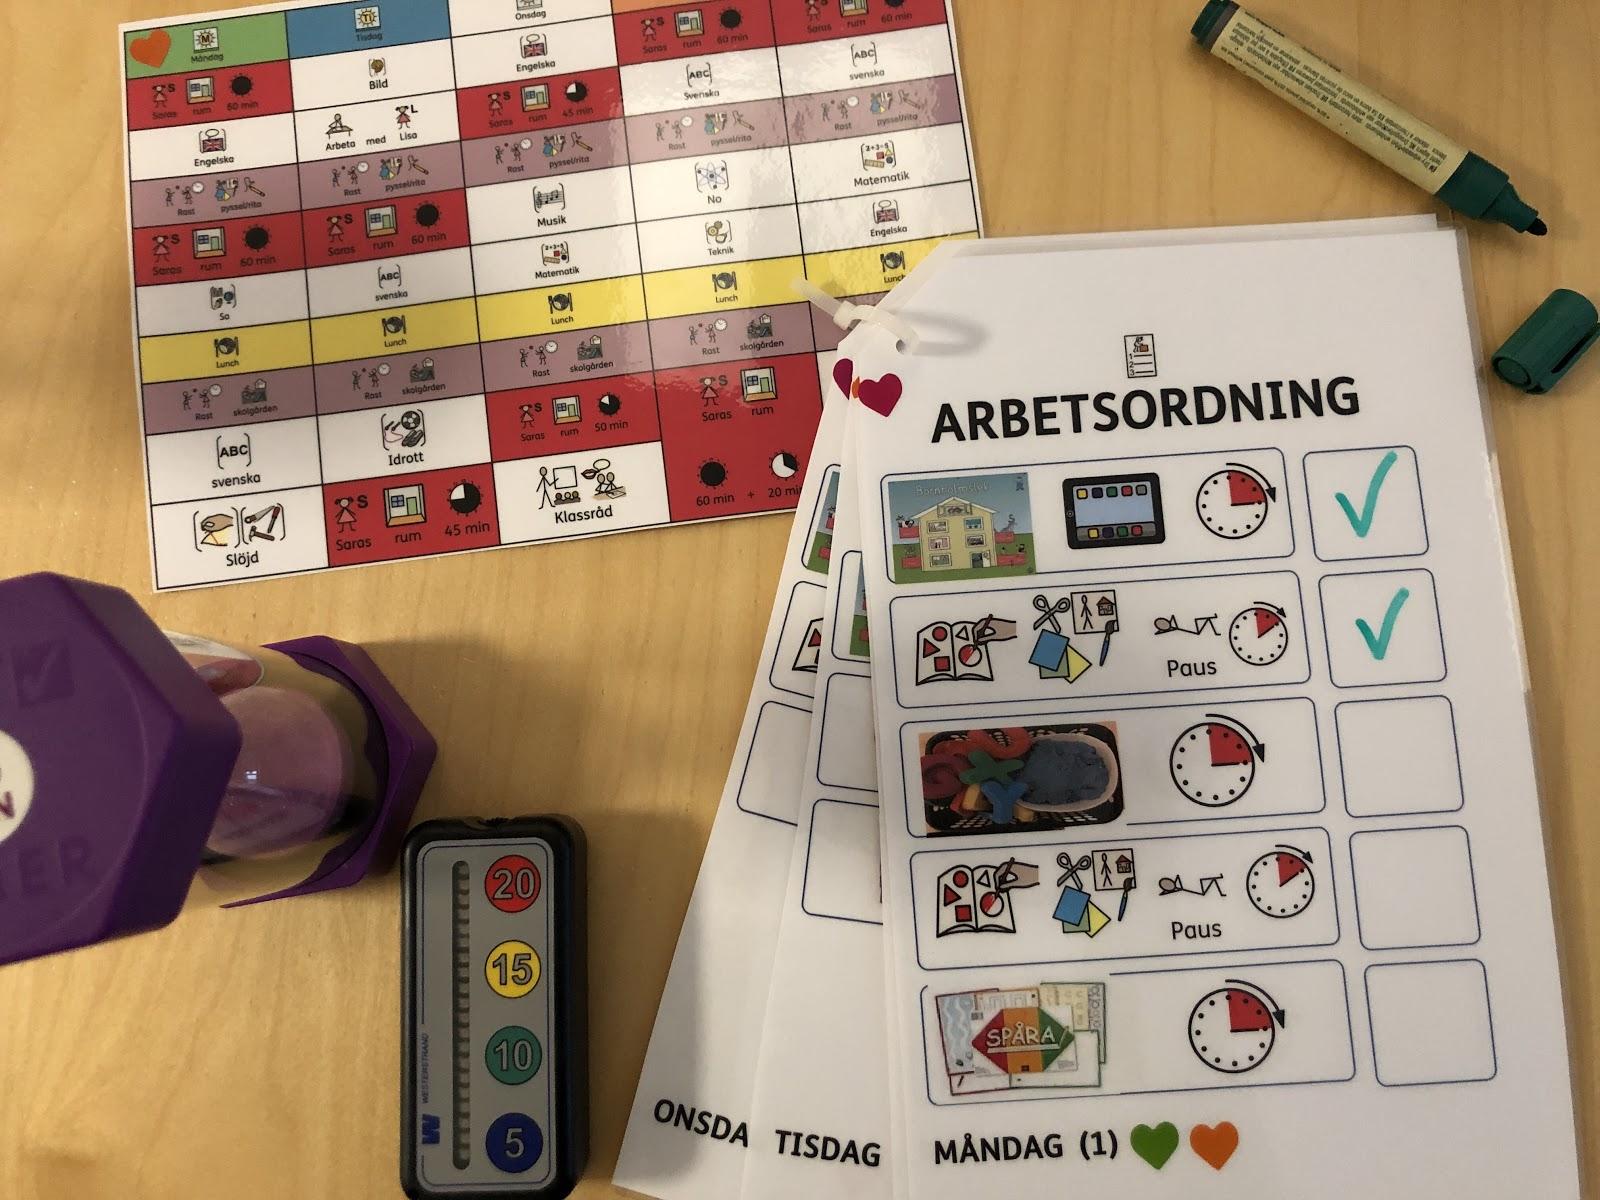 bilden visar arbetsordning på olika scheman som ligger på golvet